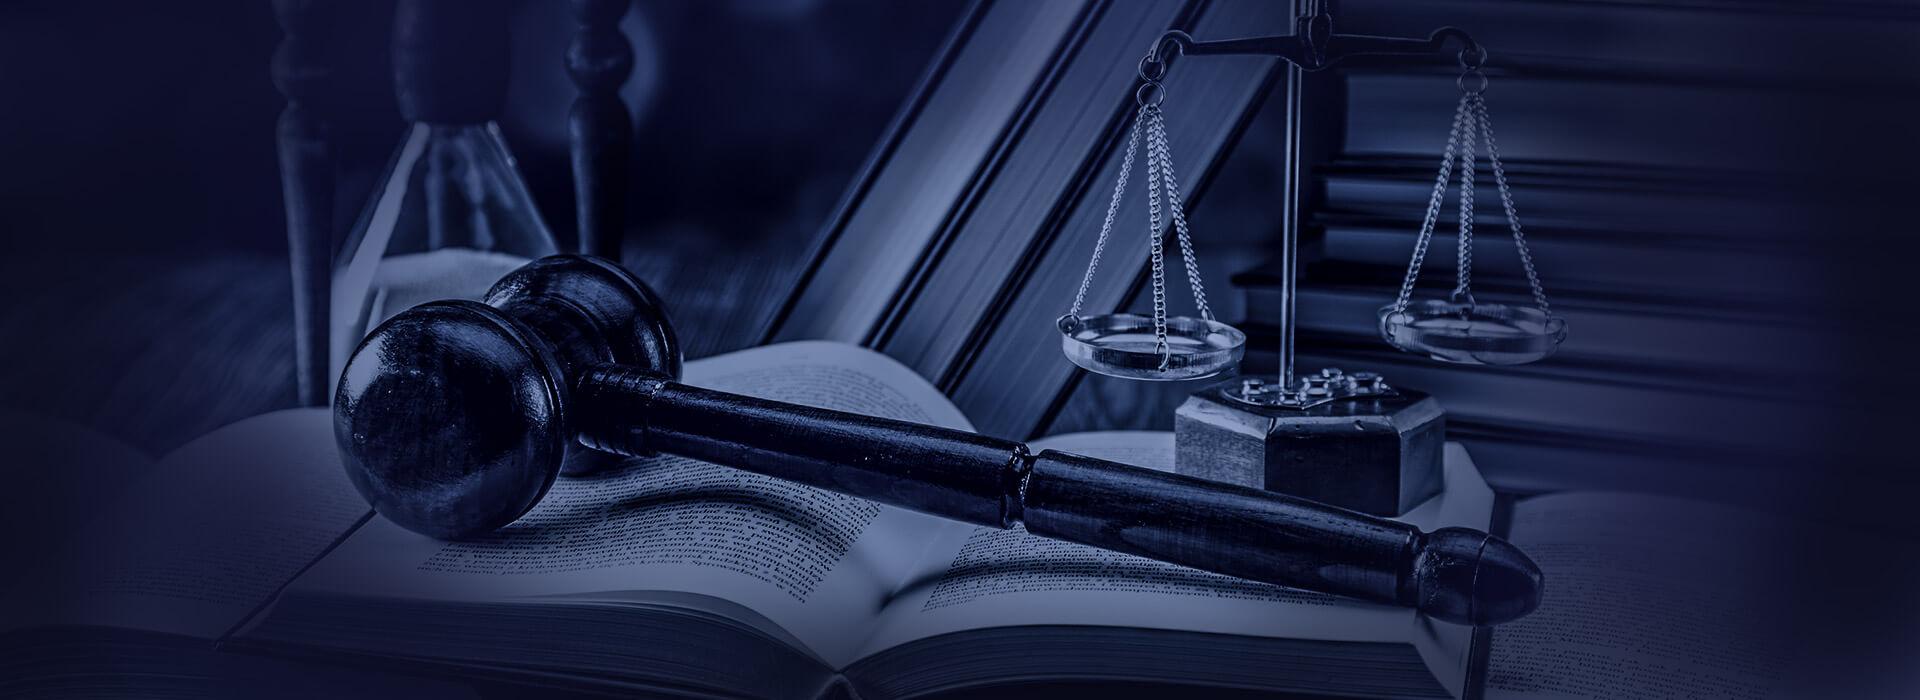 home_lawyer2_slider_bg